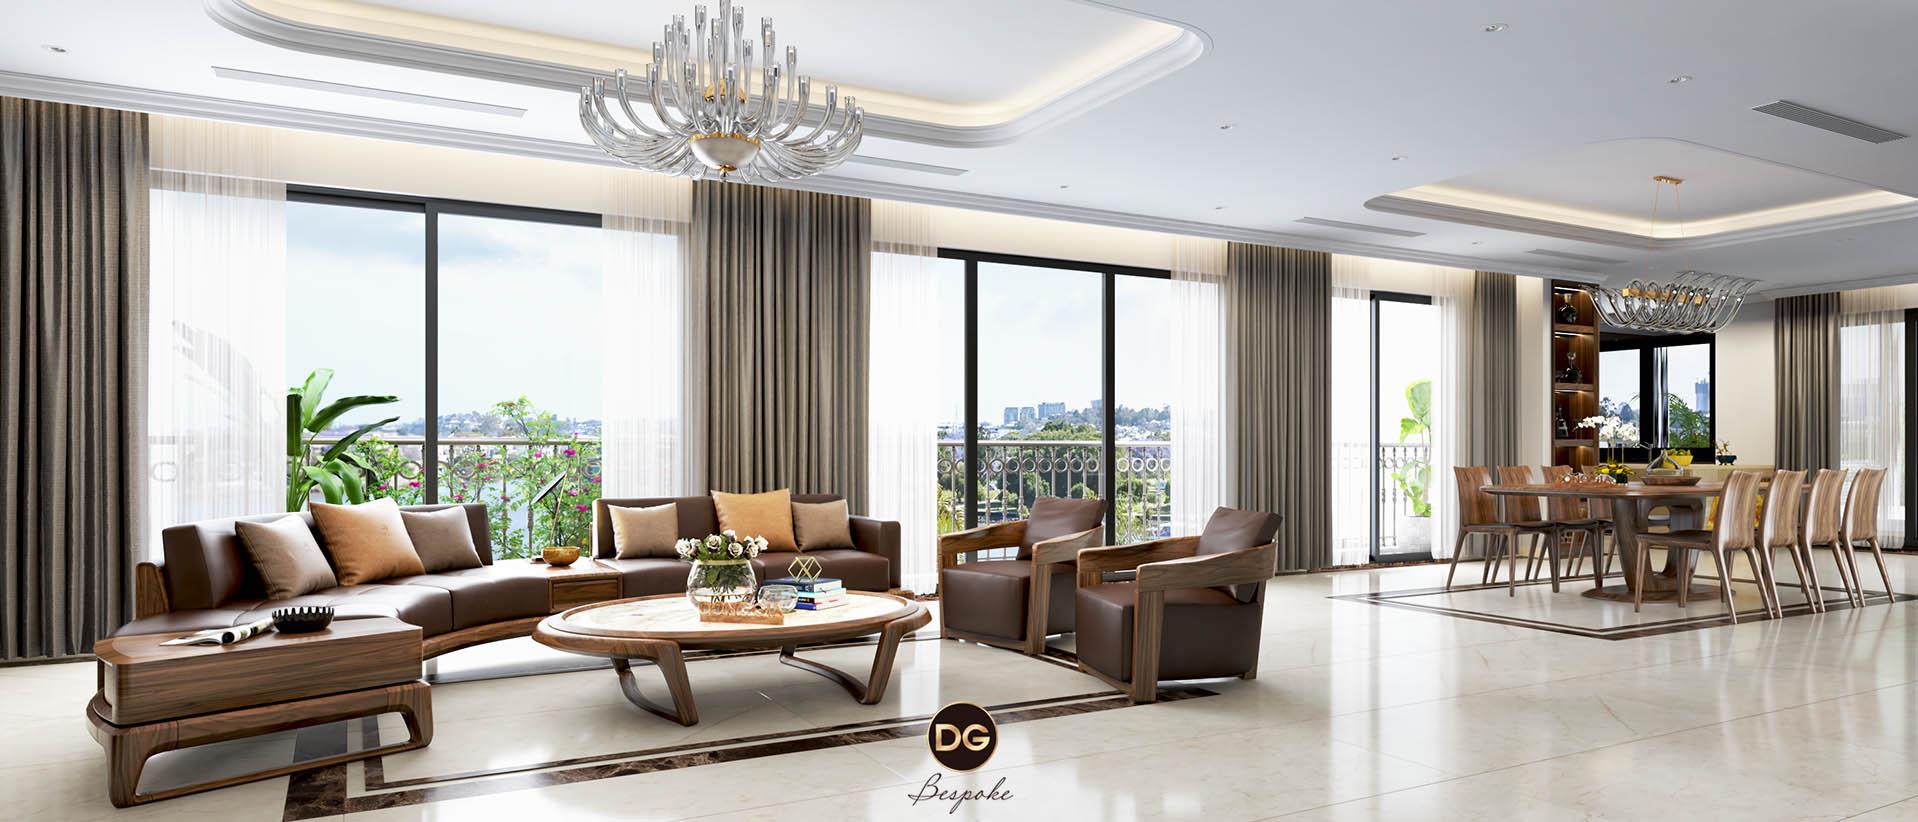 dg-bespoke-2020-truyen-tai-ca-tinh-rieng-cho-tung-khong-gian (2)